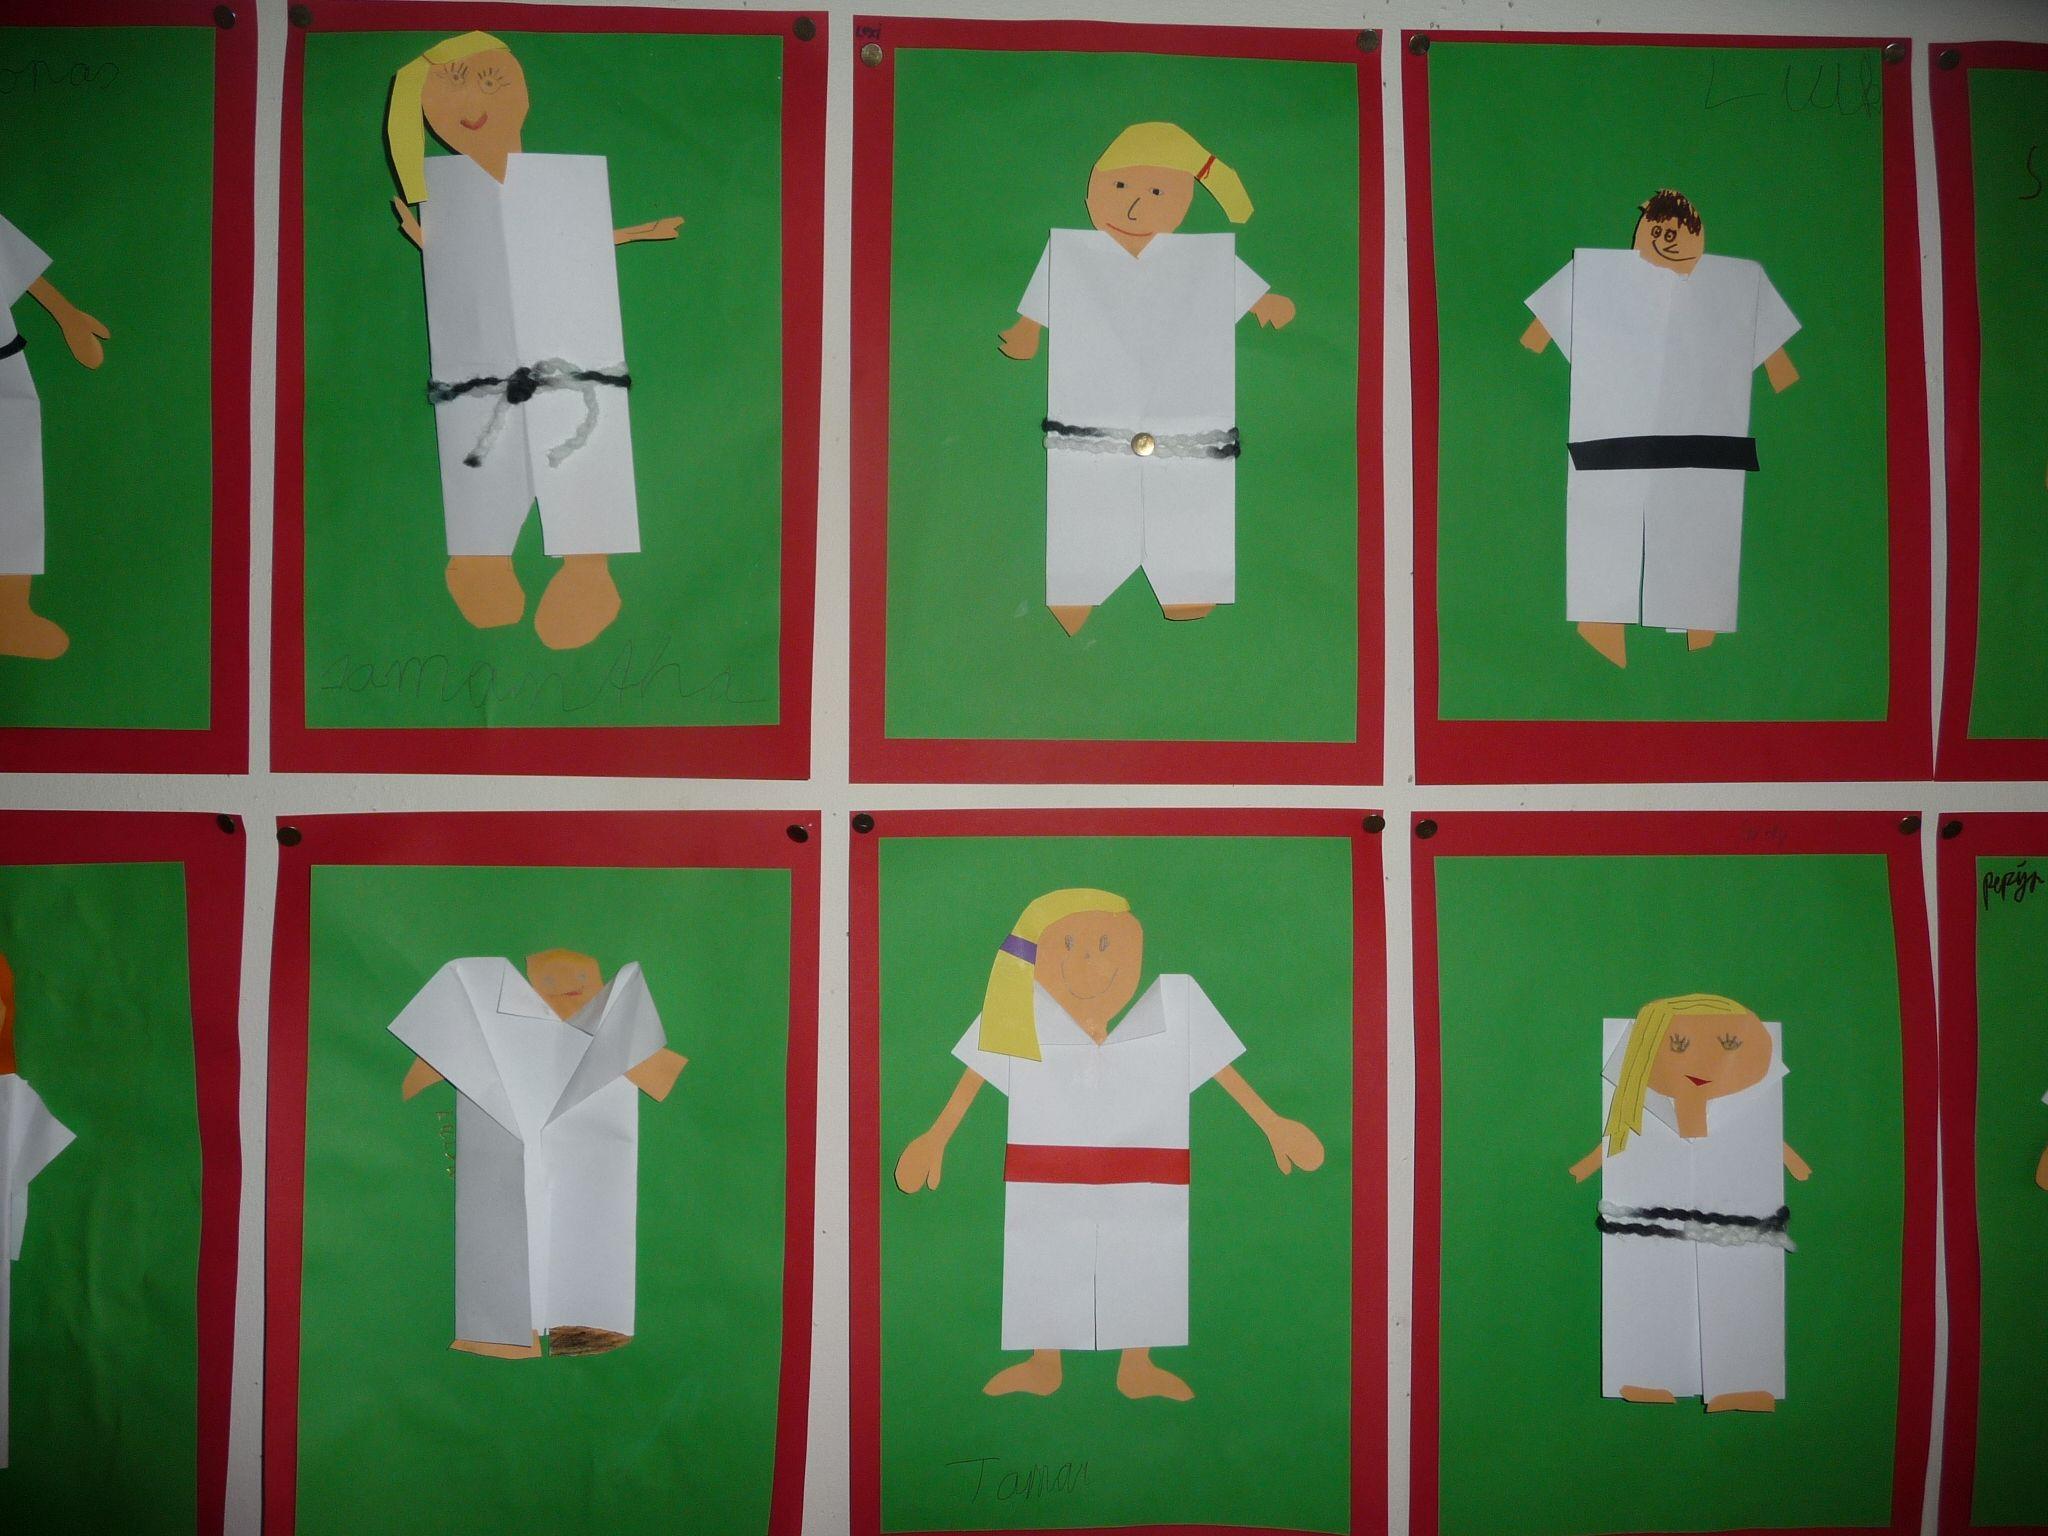 Map Juf Ineke Thema Sport Het Judopak Is Gevouwen Kinderen Hebben Zichzelf Daarna Gemaakt Met Allerlei Kleuren Banden Thema Sport Verjaardagskaarten